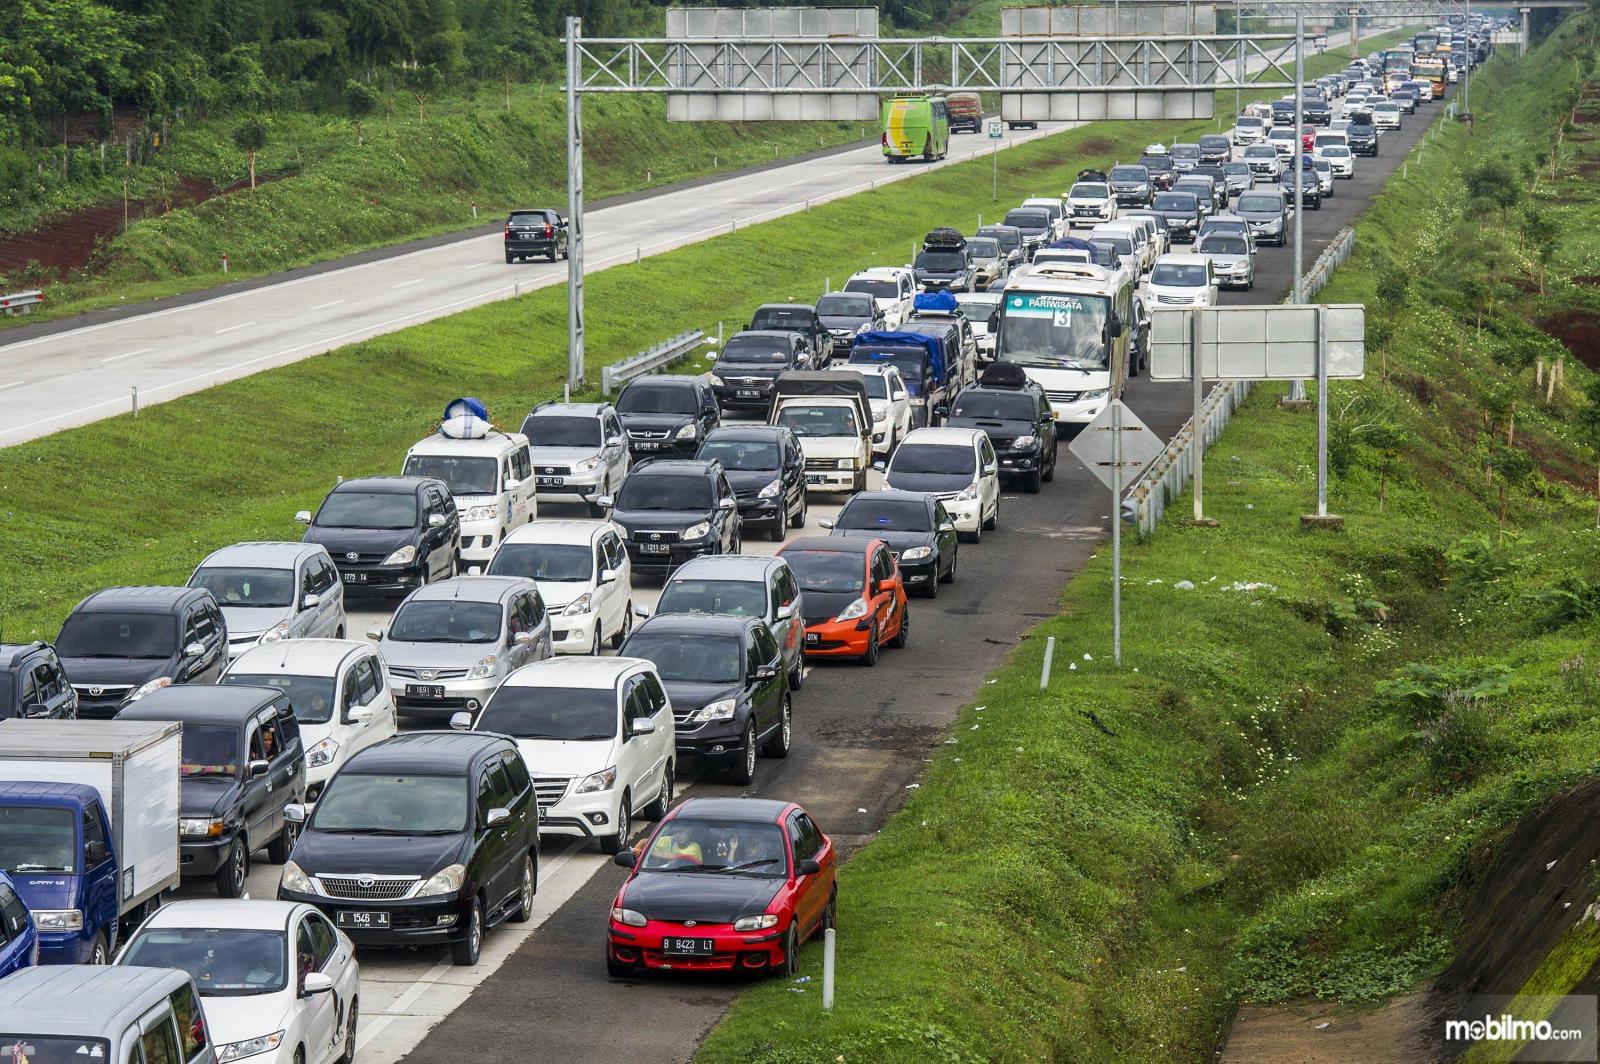 Foto menunjukkan kepadatan kendaraan di jalan tol saat arus mudik lebaran 2019